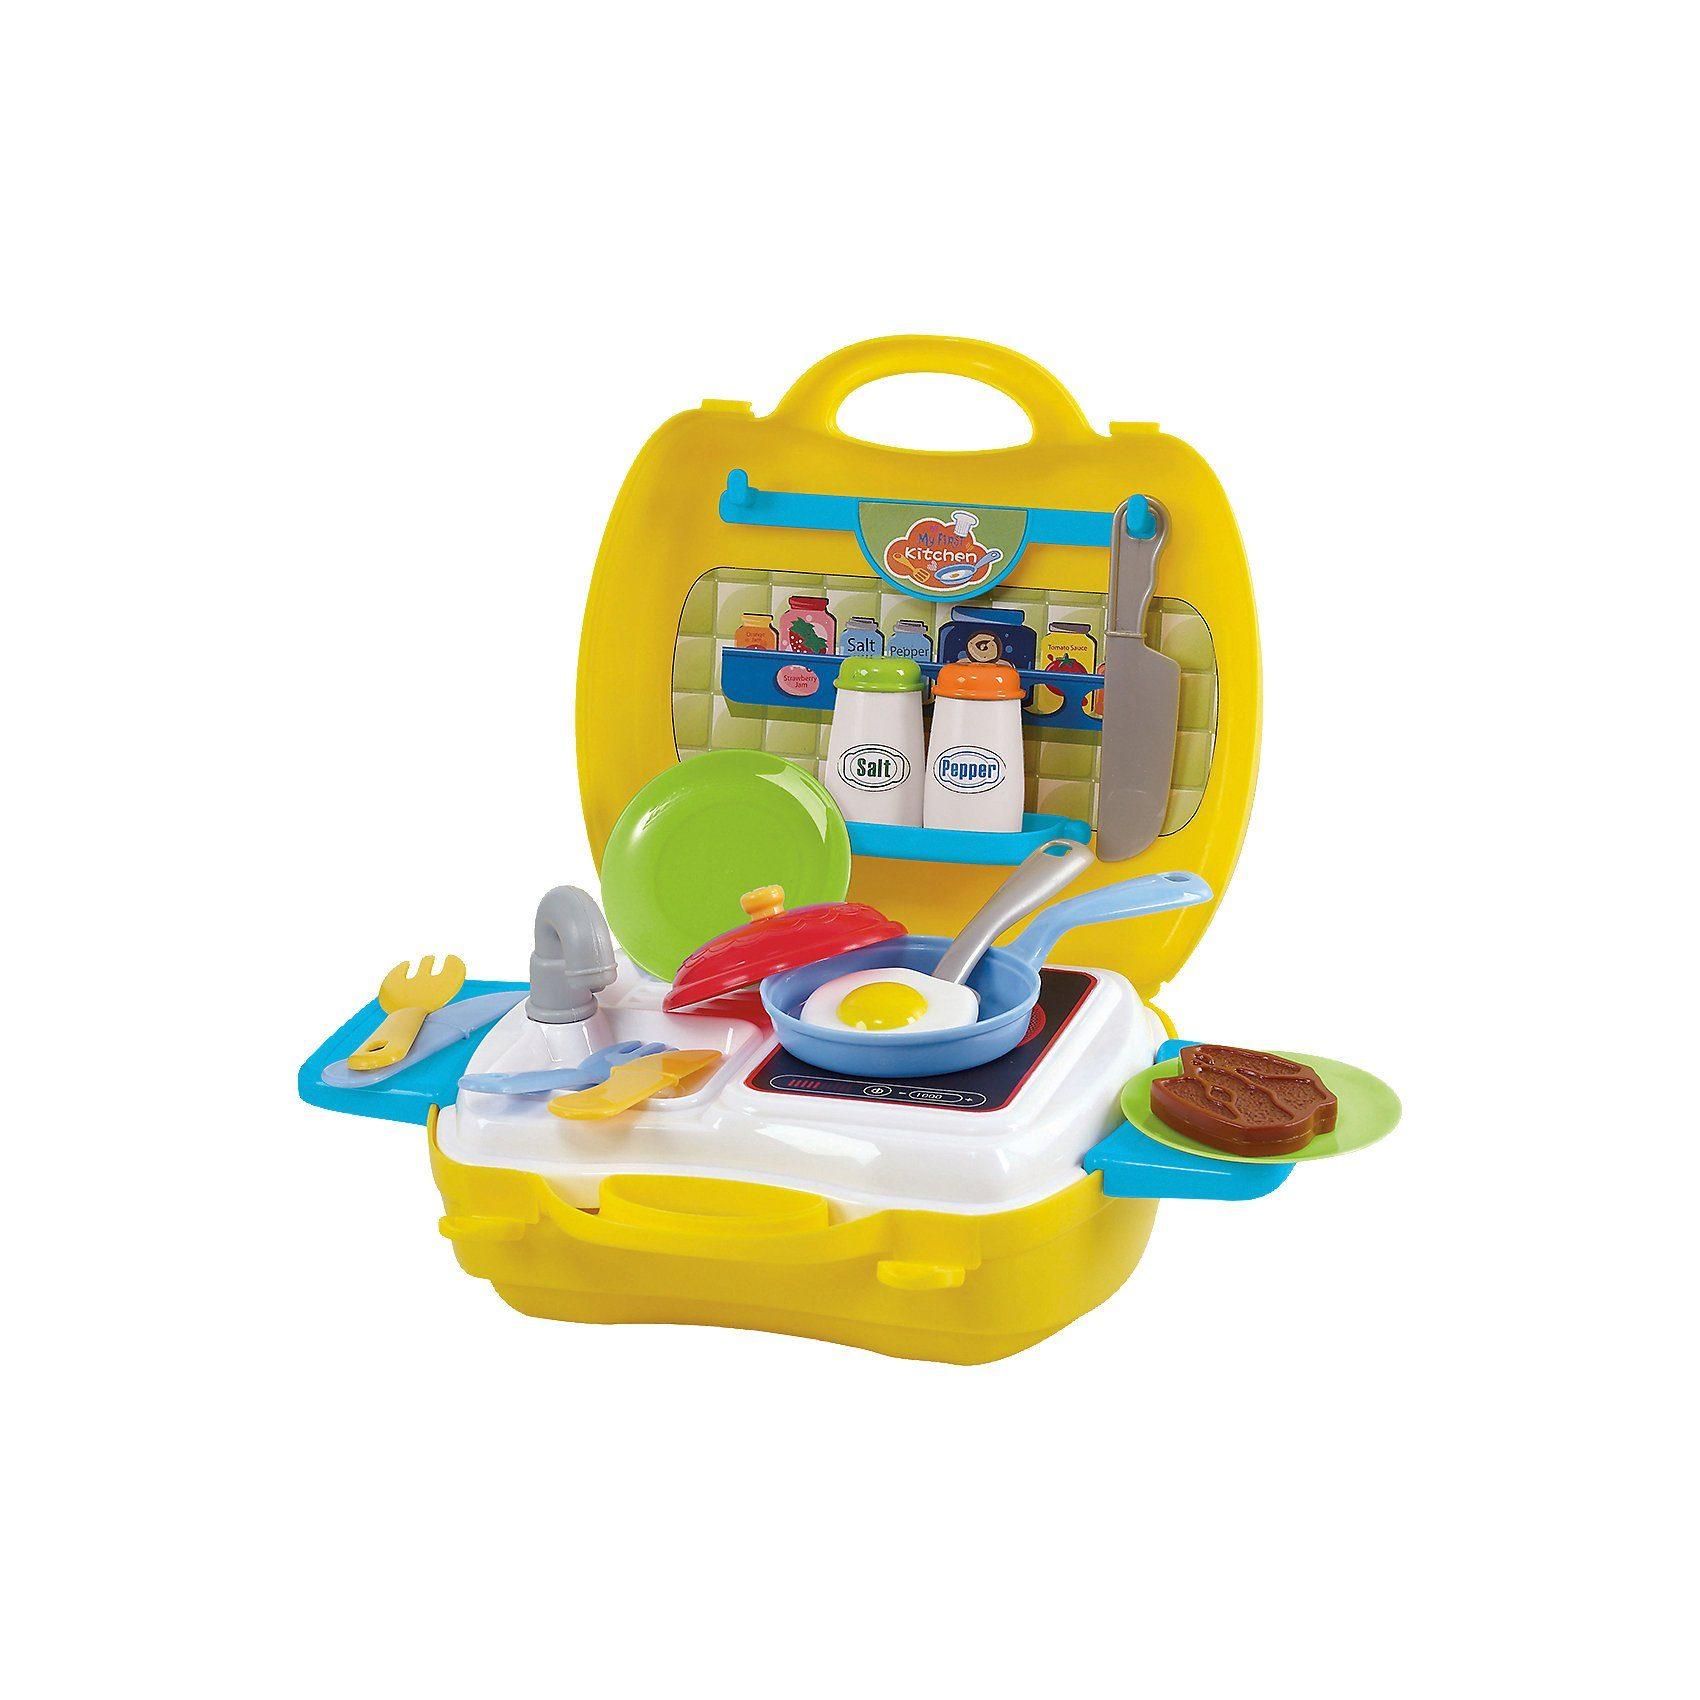 Playgo Mitbring-SpielKüche, 22 Teile